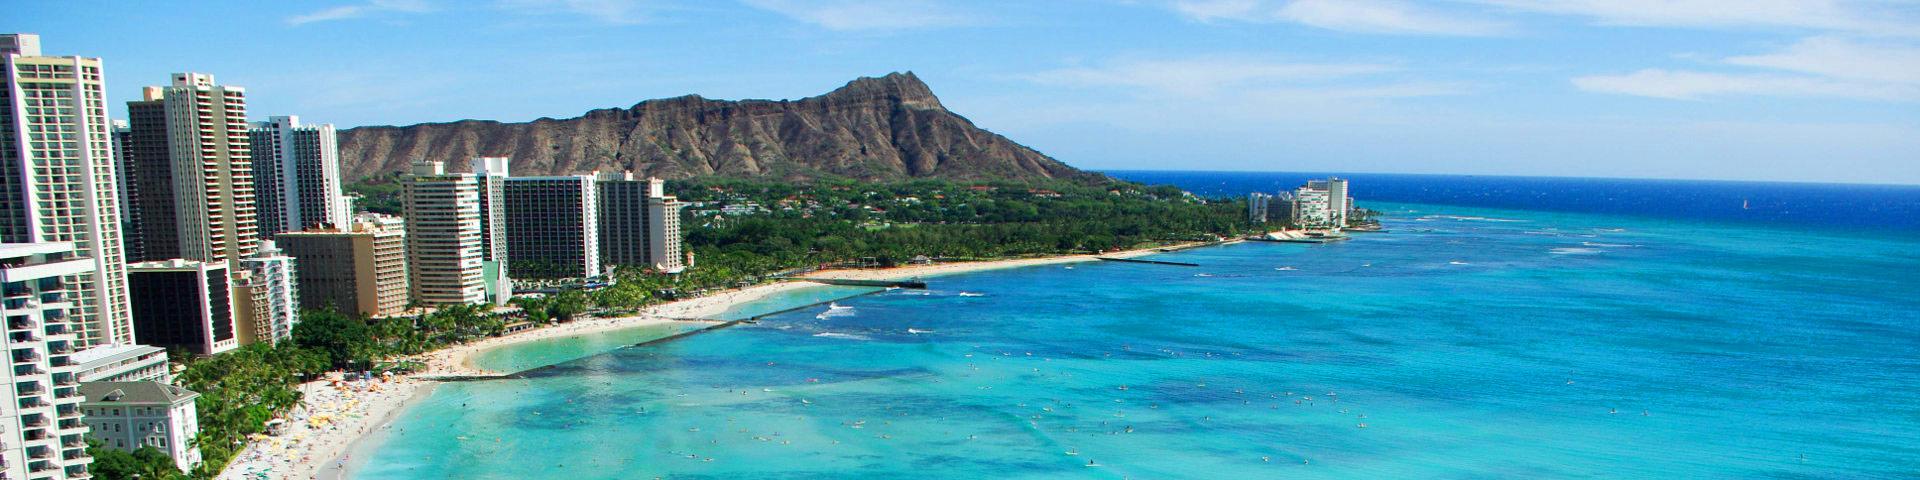 Honolulu hero